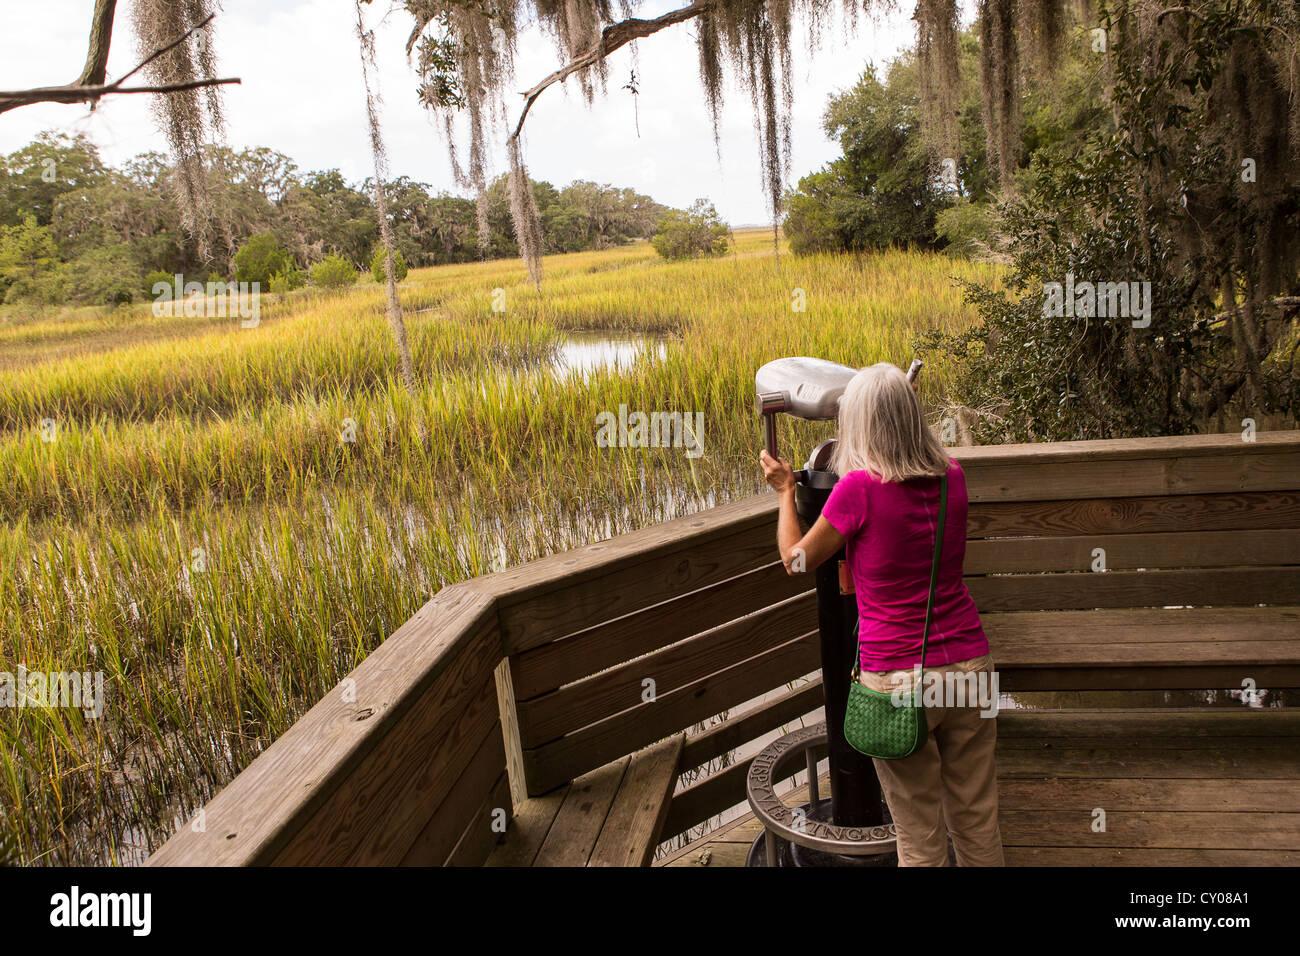 Donna anziana utilizza un visore binoculare on Salt Marsh boardwalk al miele piantagione di avvisatore acustico Immagini Stock